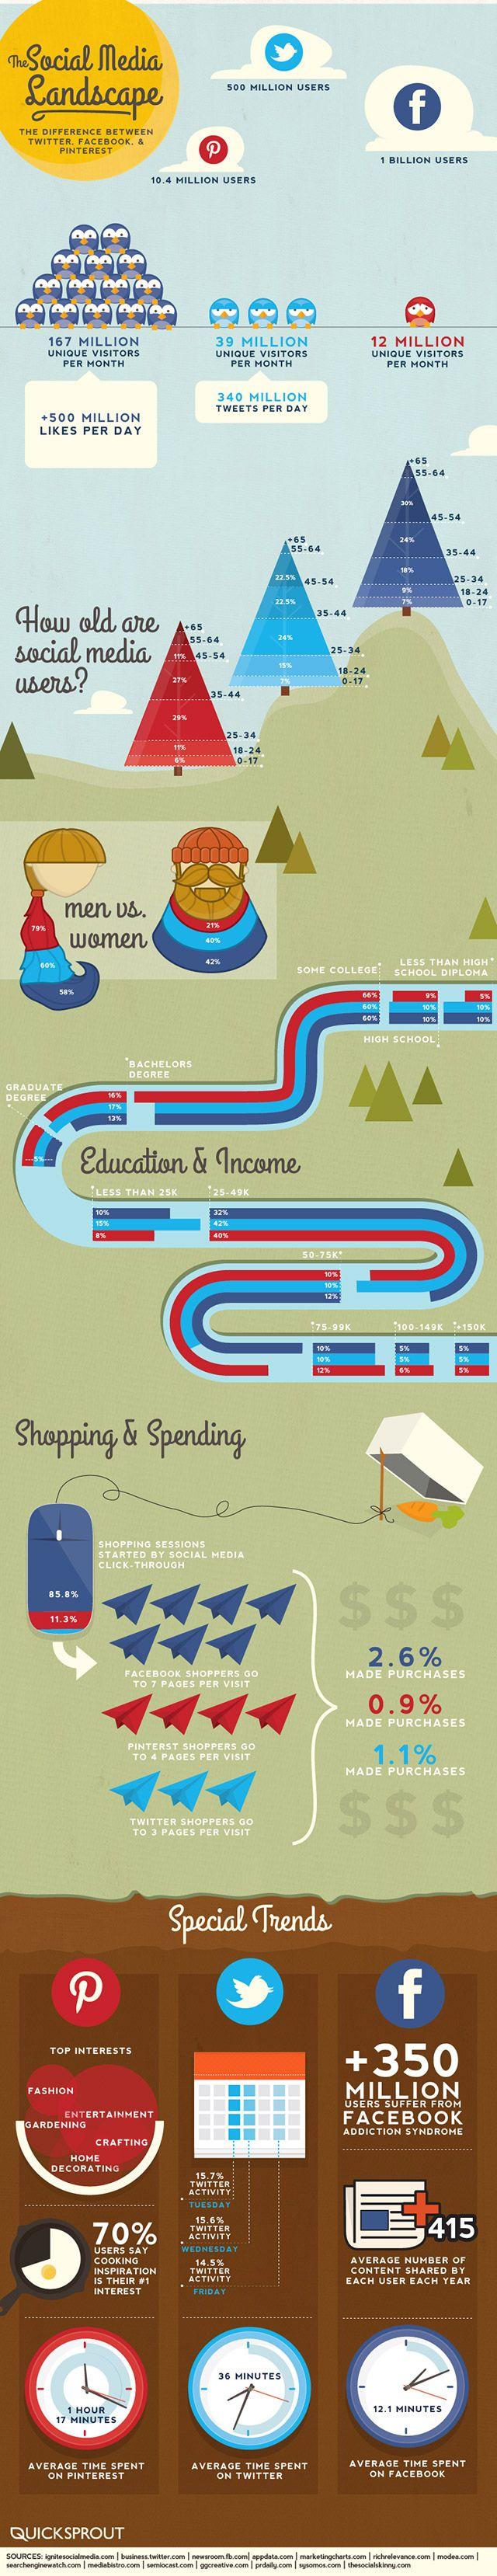 Facebook vs Twitter vs Pinterest - 2013 Statistics